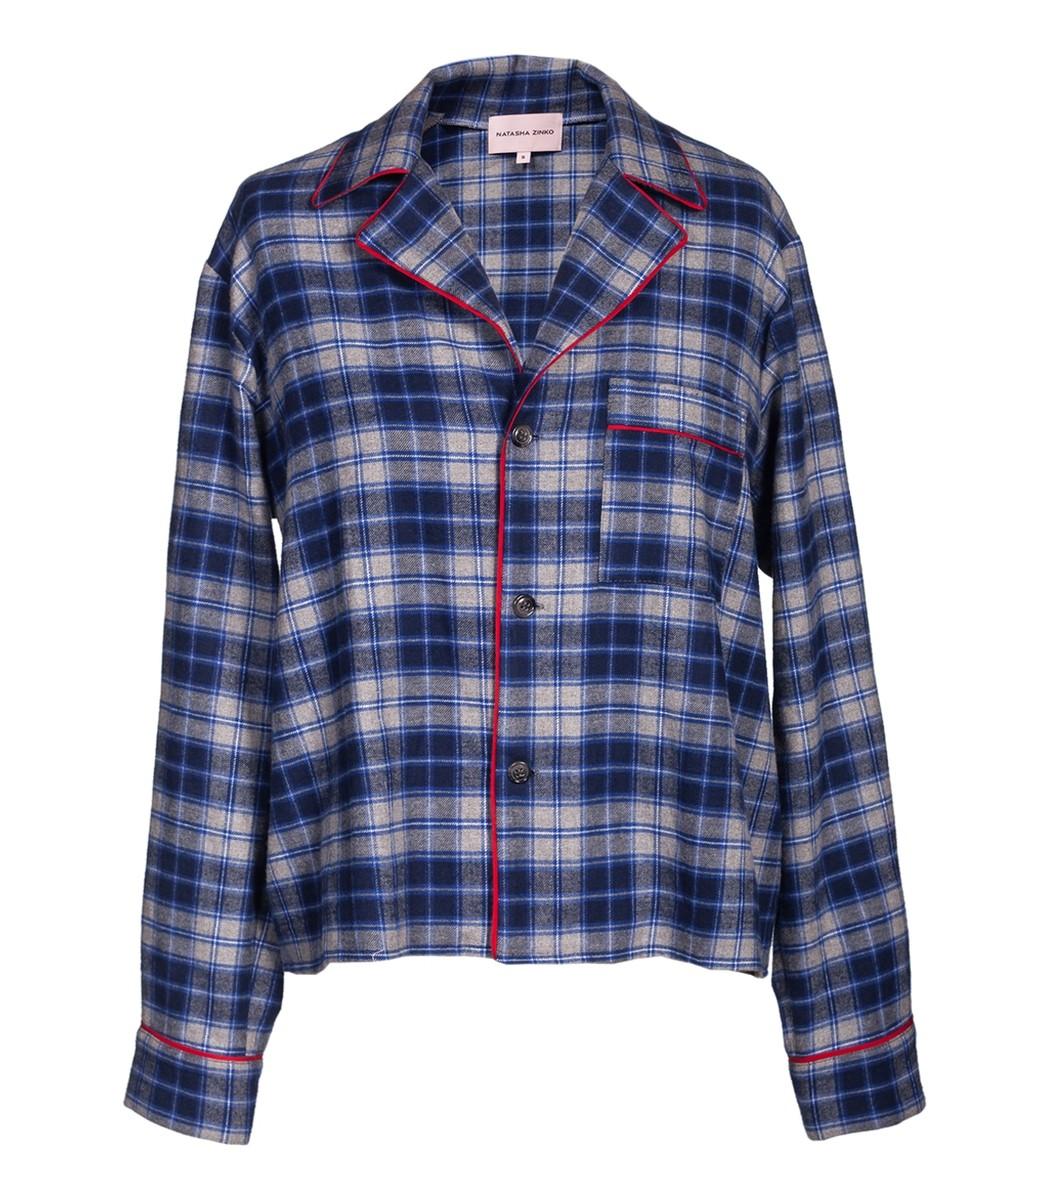 NATASHA ZINKO Pajamas Blue And Grey Pajama Top